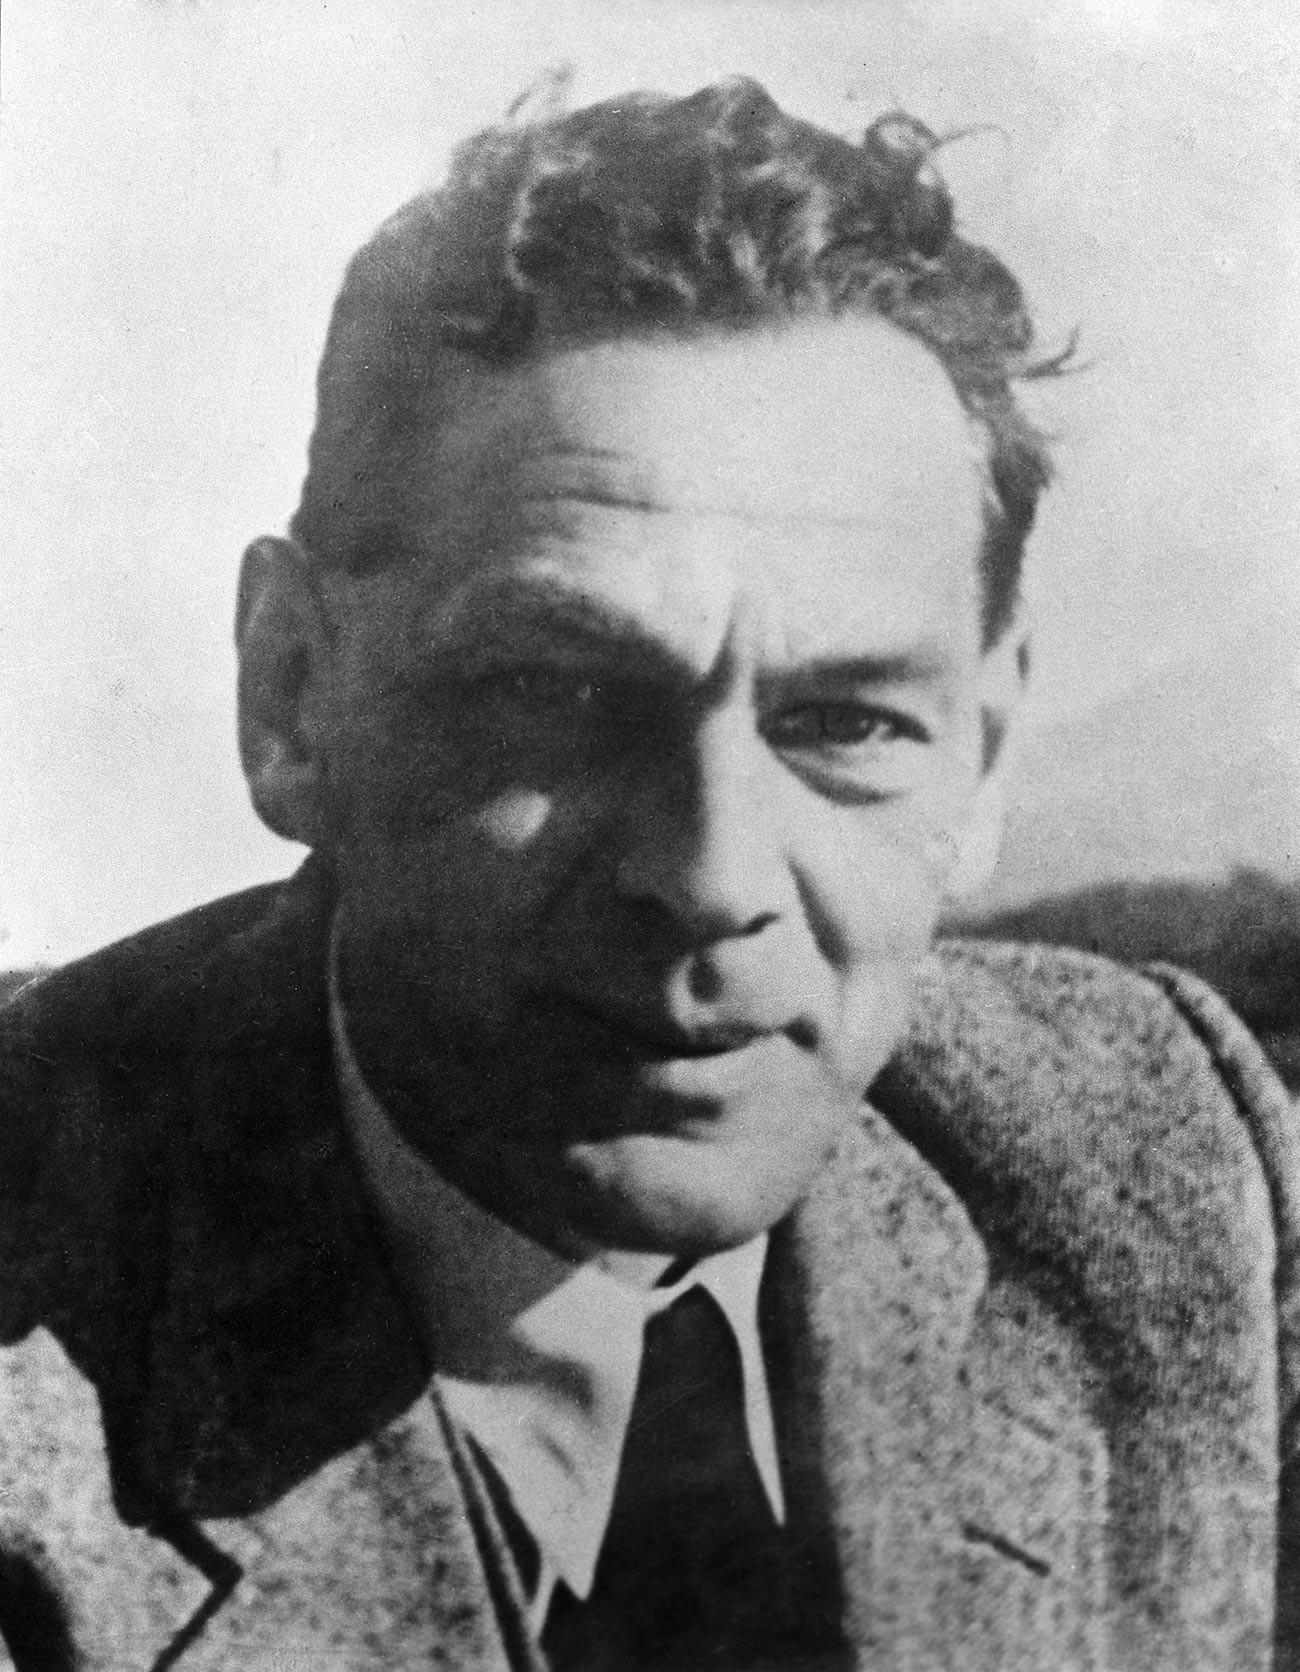 Херој Совјетског Савеза, обавештајац Рихард Зорге.